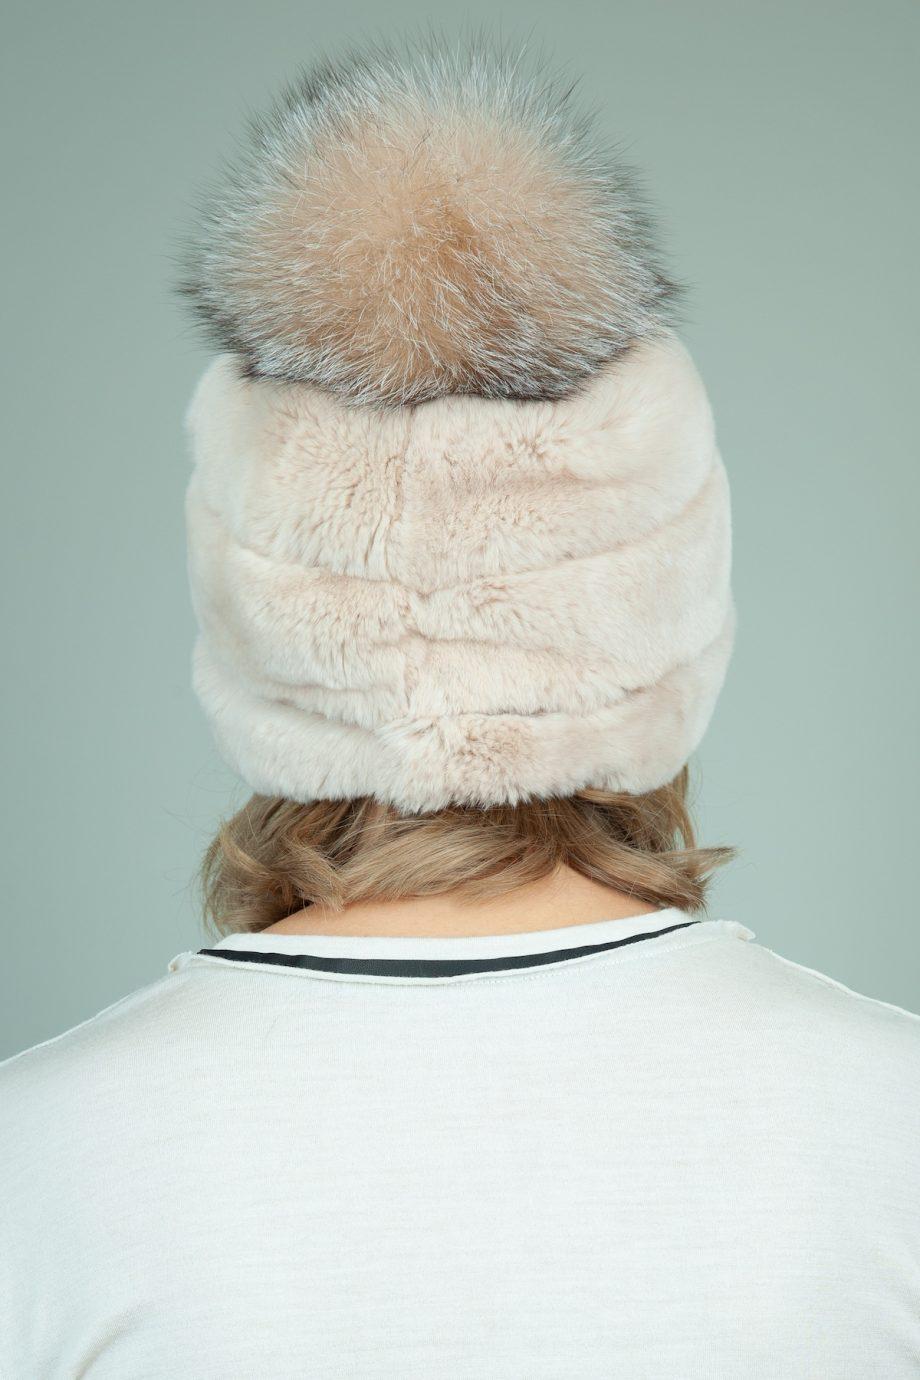 biezinio triusio kailio kepure su odos interpais ir lapes bumbulu